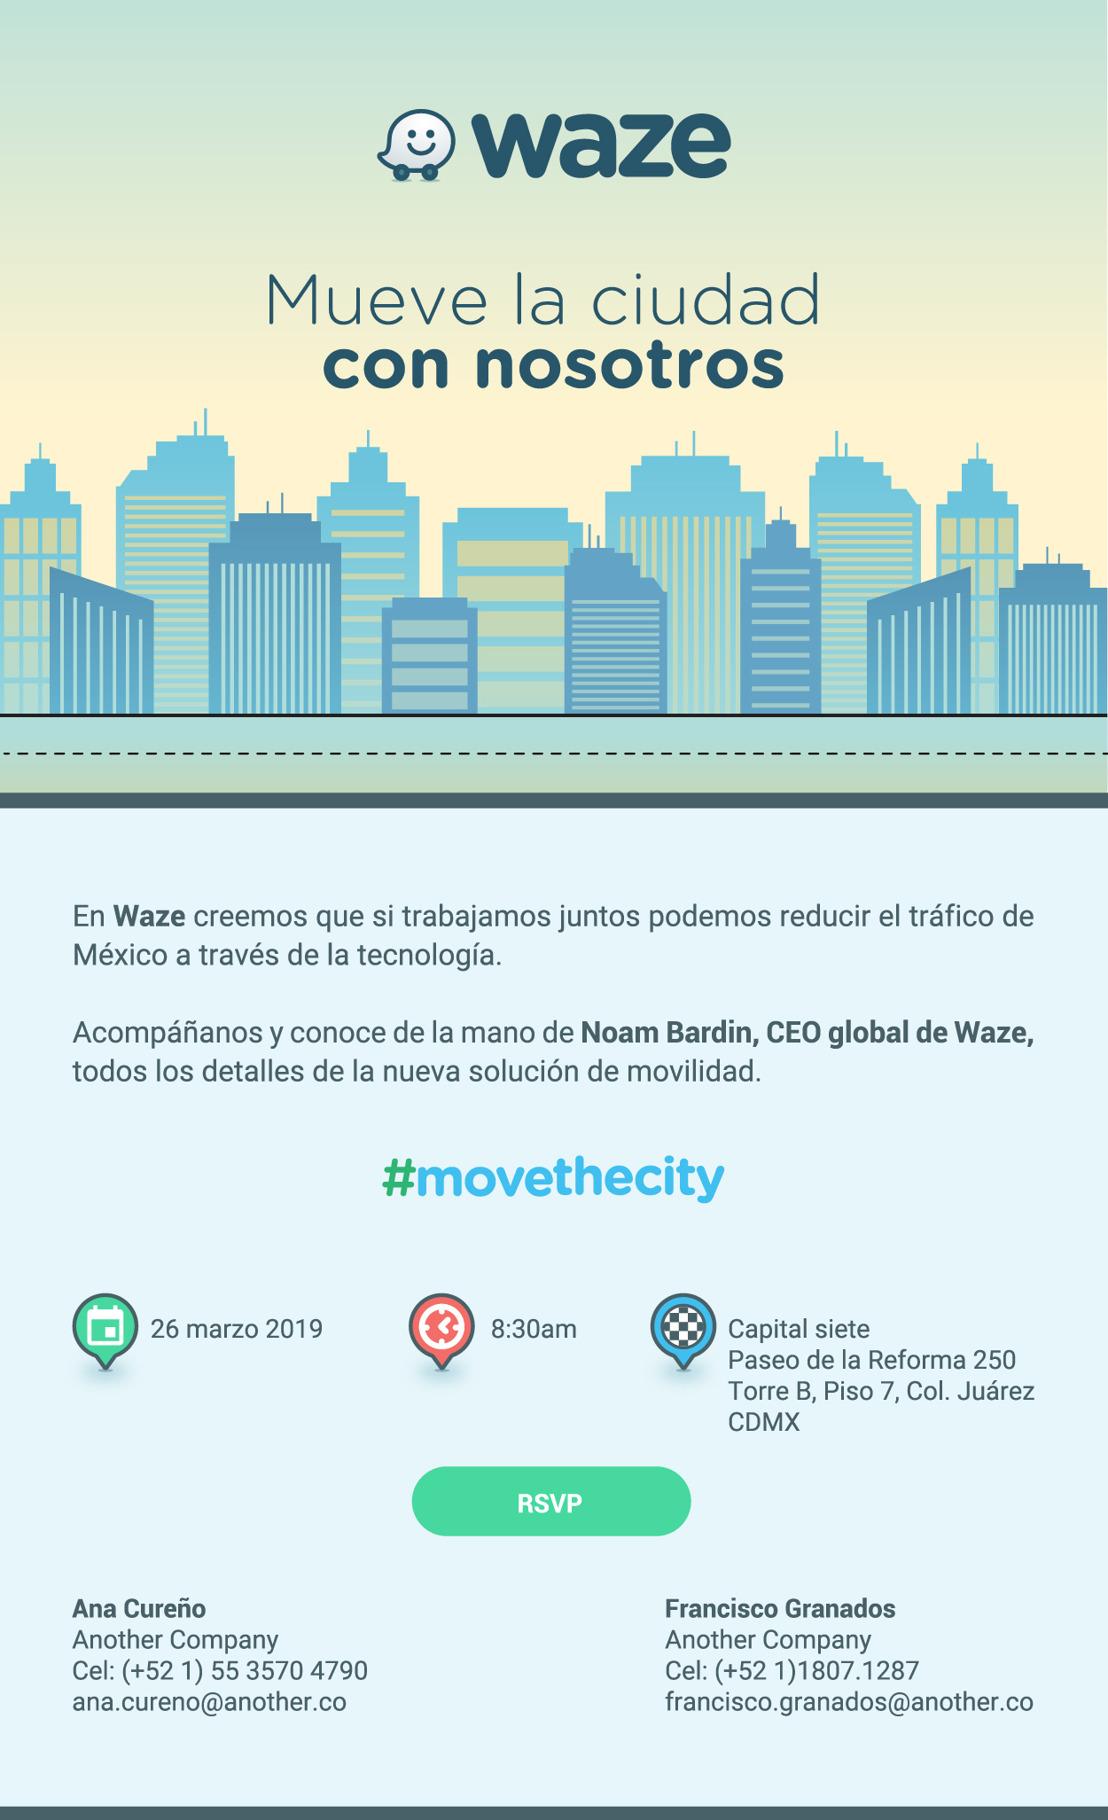 Mueve la ciudad con nosotros